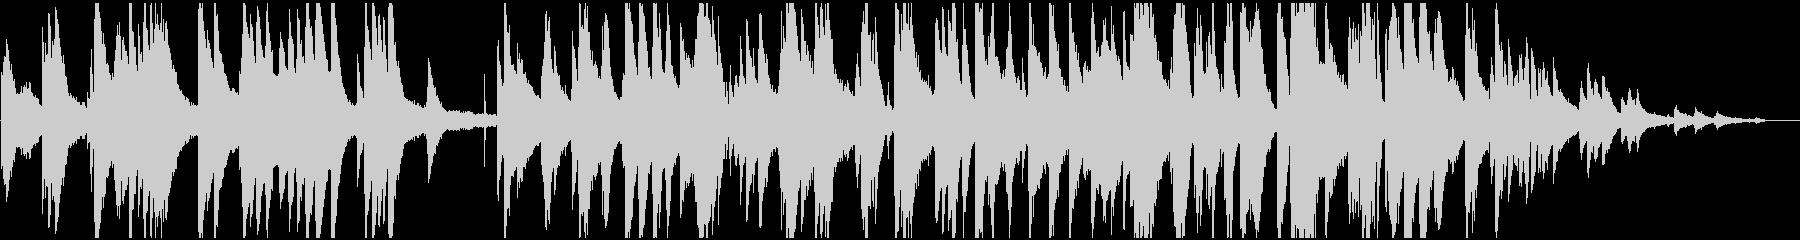 レコード風 レトロなピアノジャズの未再生の波形